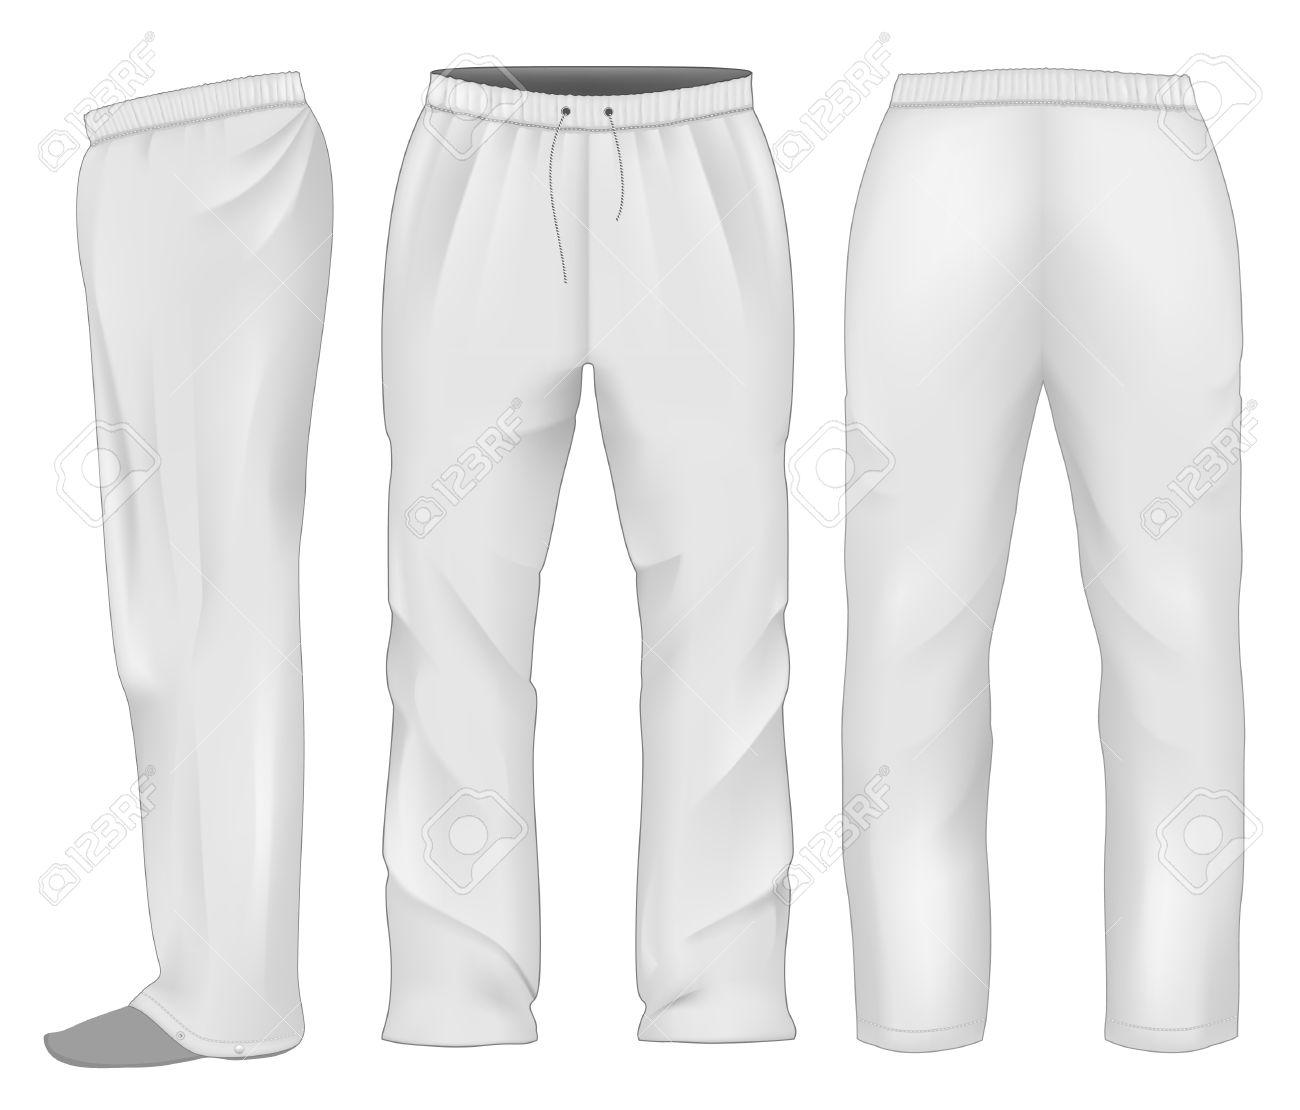 Hombres Pantalones De Chandal Blanco Ilustraciones Vectoriales Clip Art Vectorizado Libre De Derechos Image 36005818